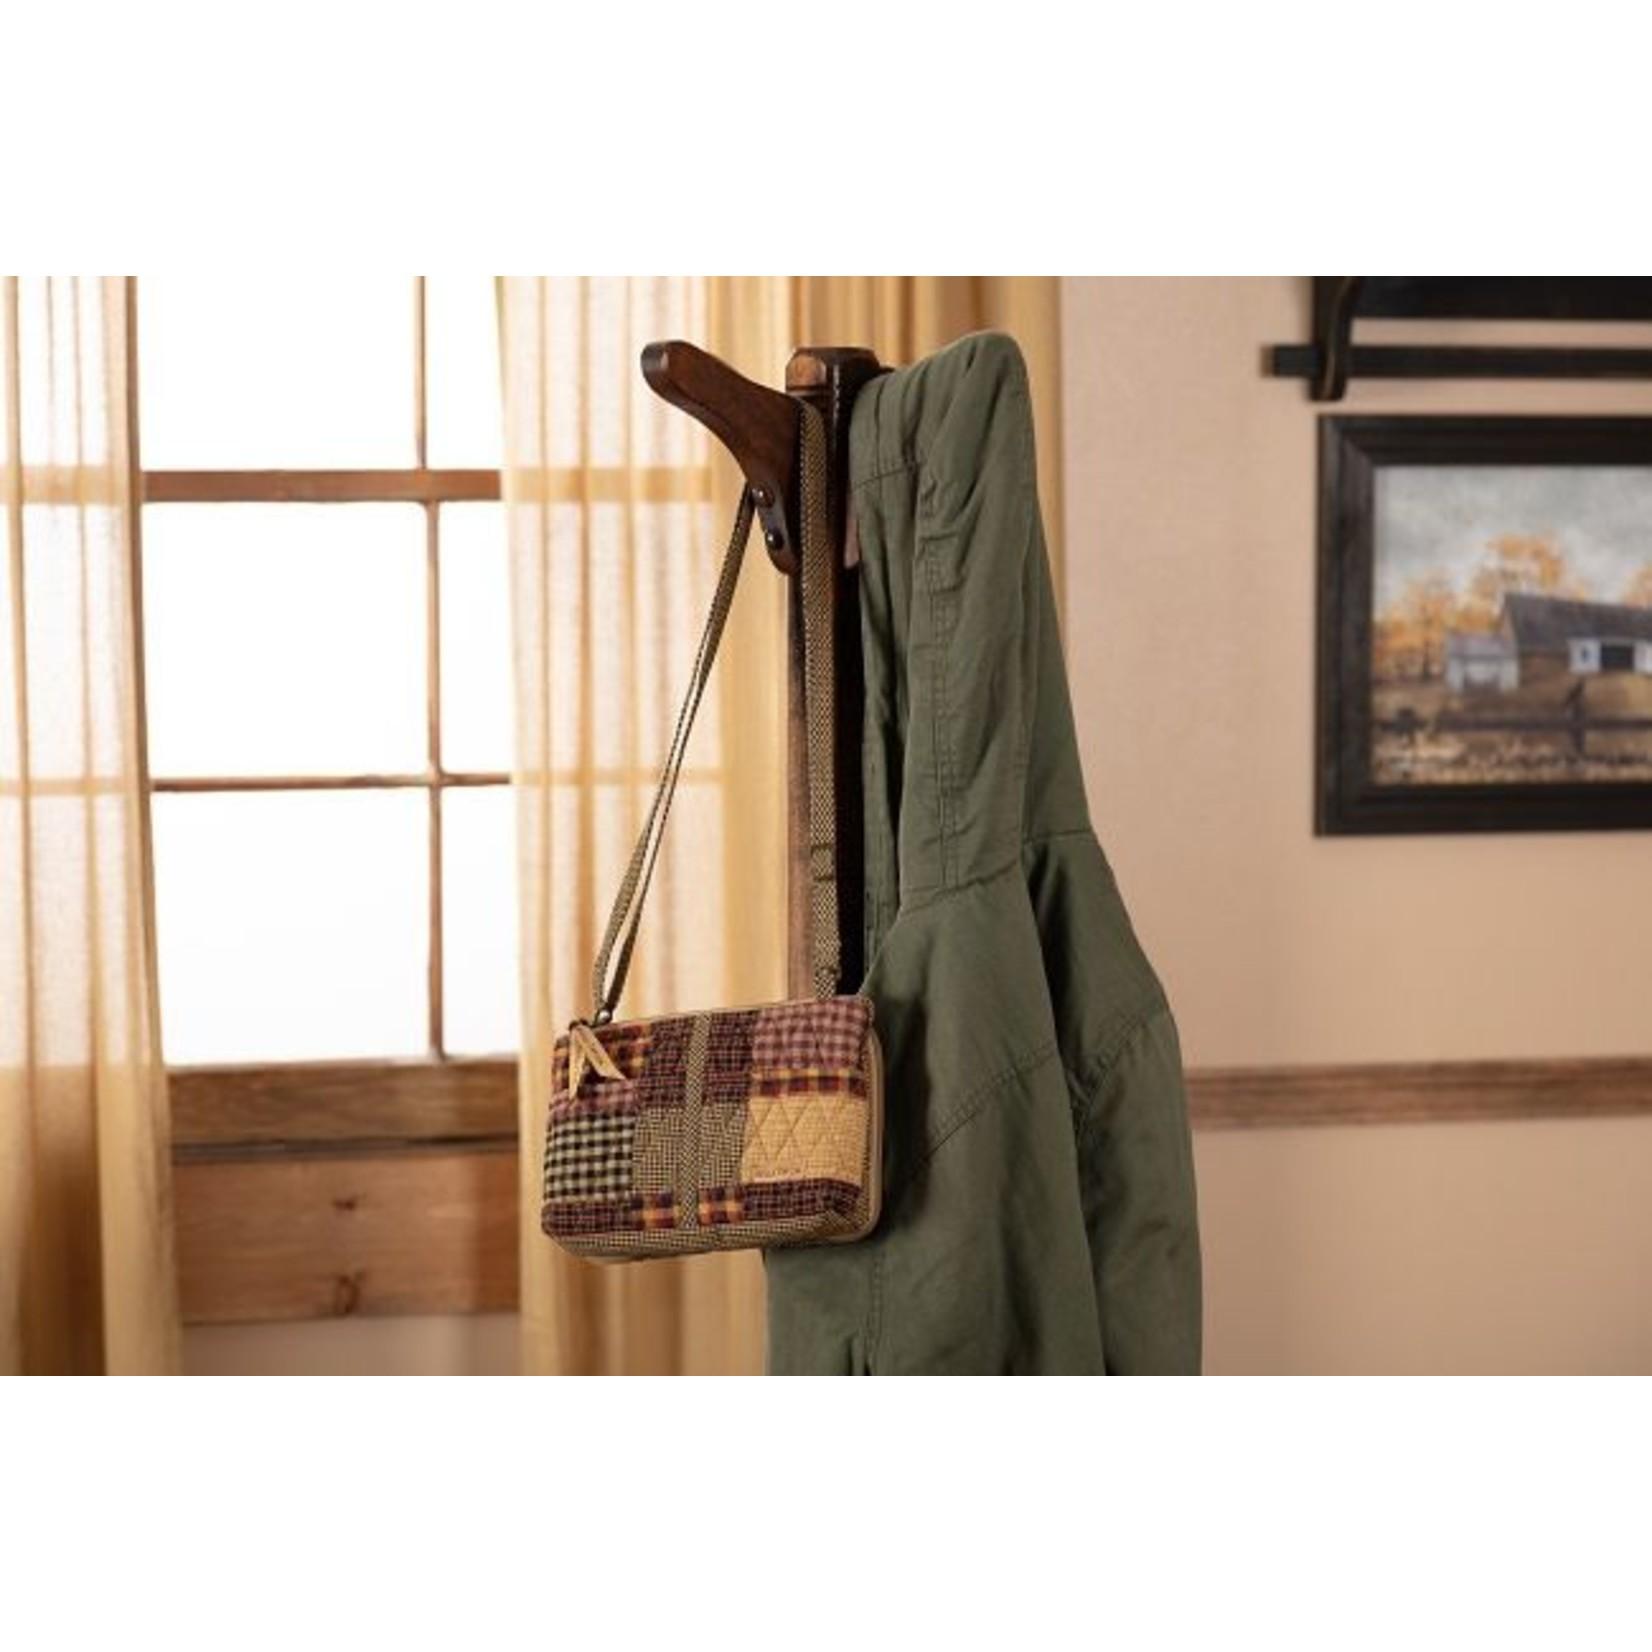 Bella Taylor Heritage - Essentials handbag